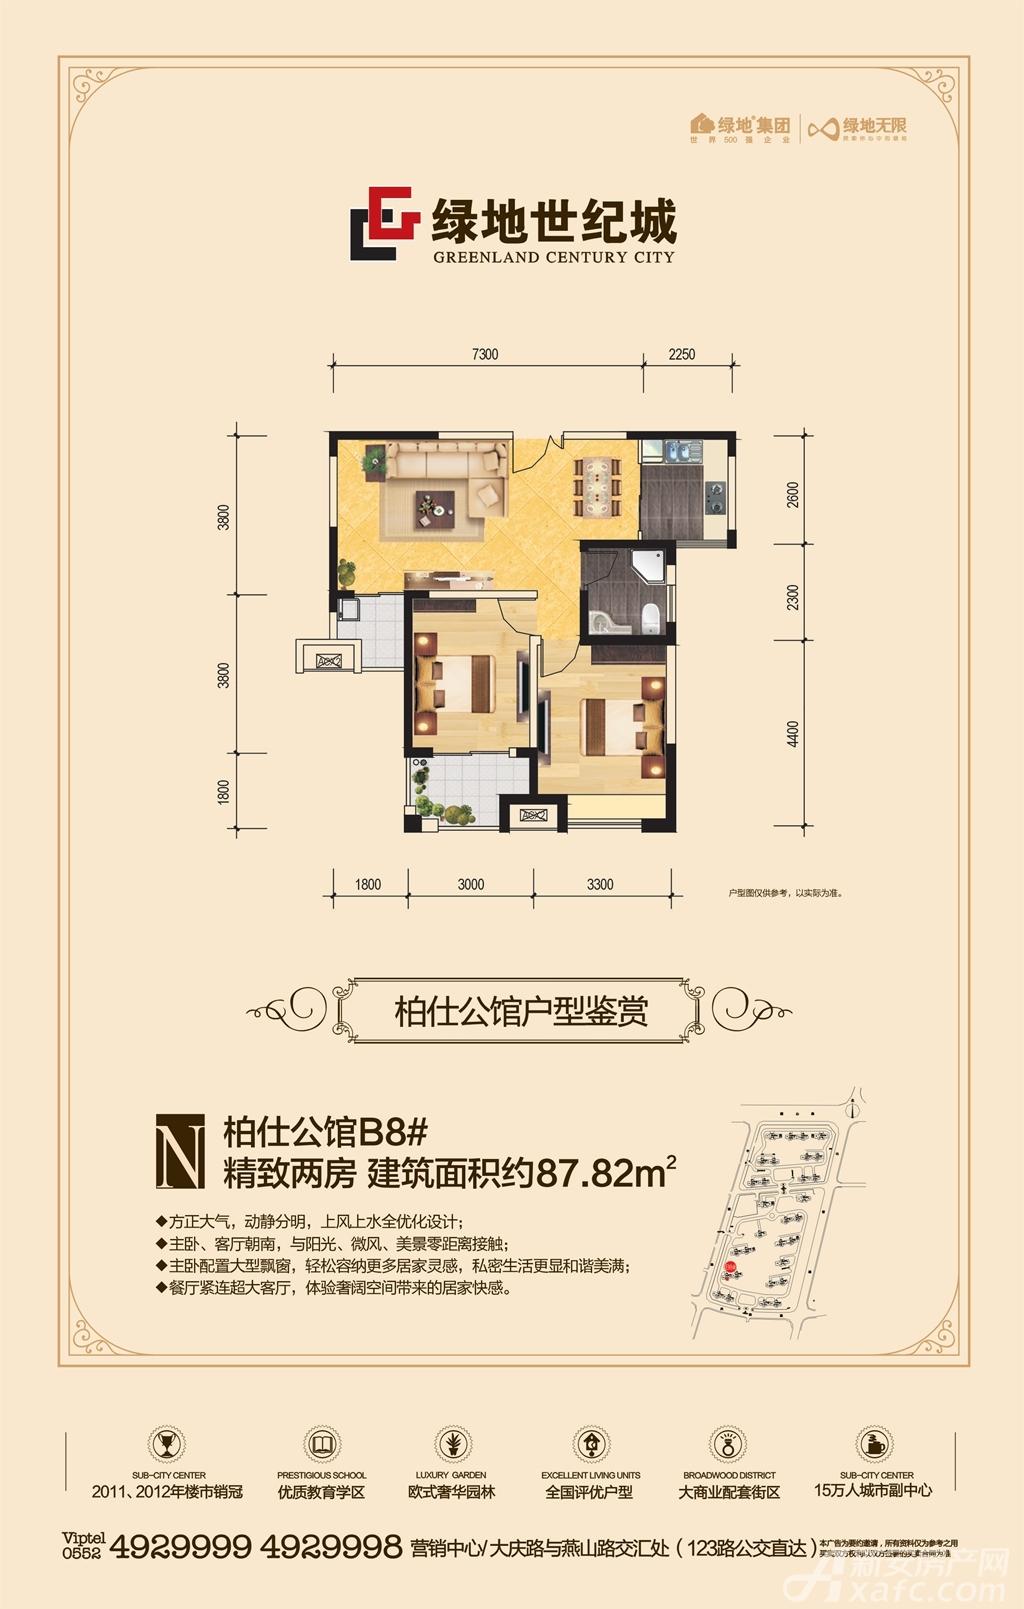 绿地世纪城绿地世纪城O柏庄公馆B8#N户型2室2厅87.82平米